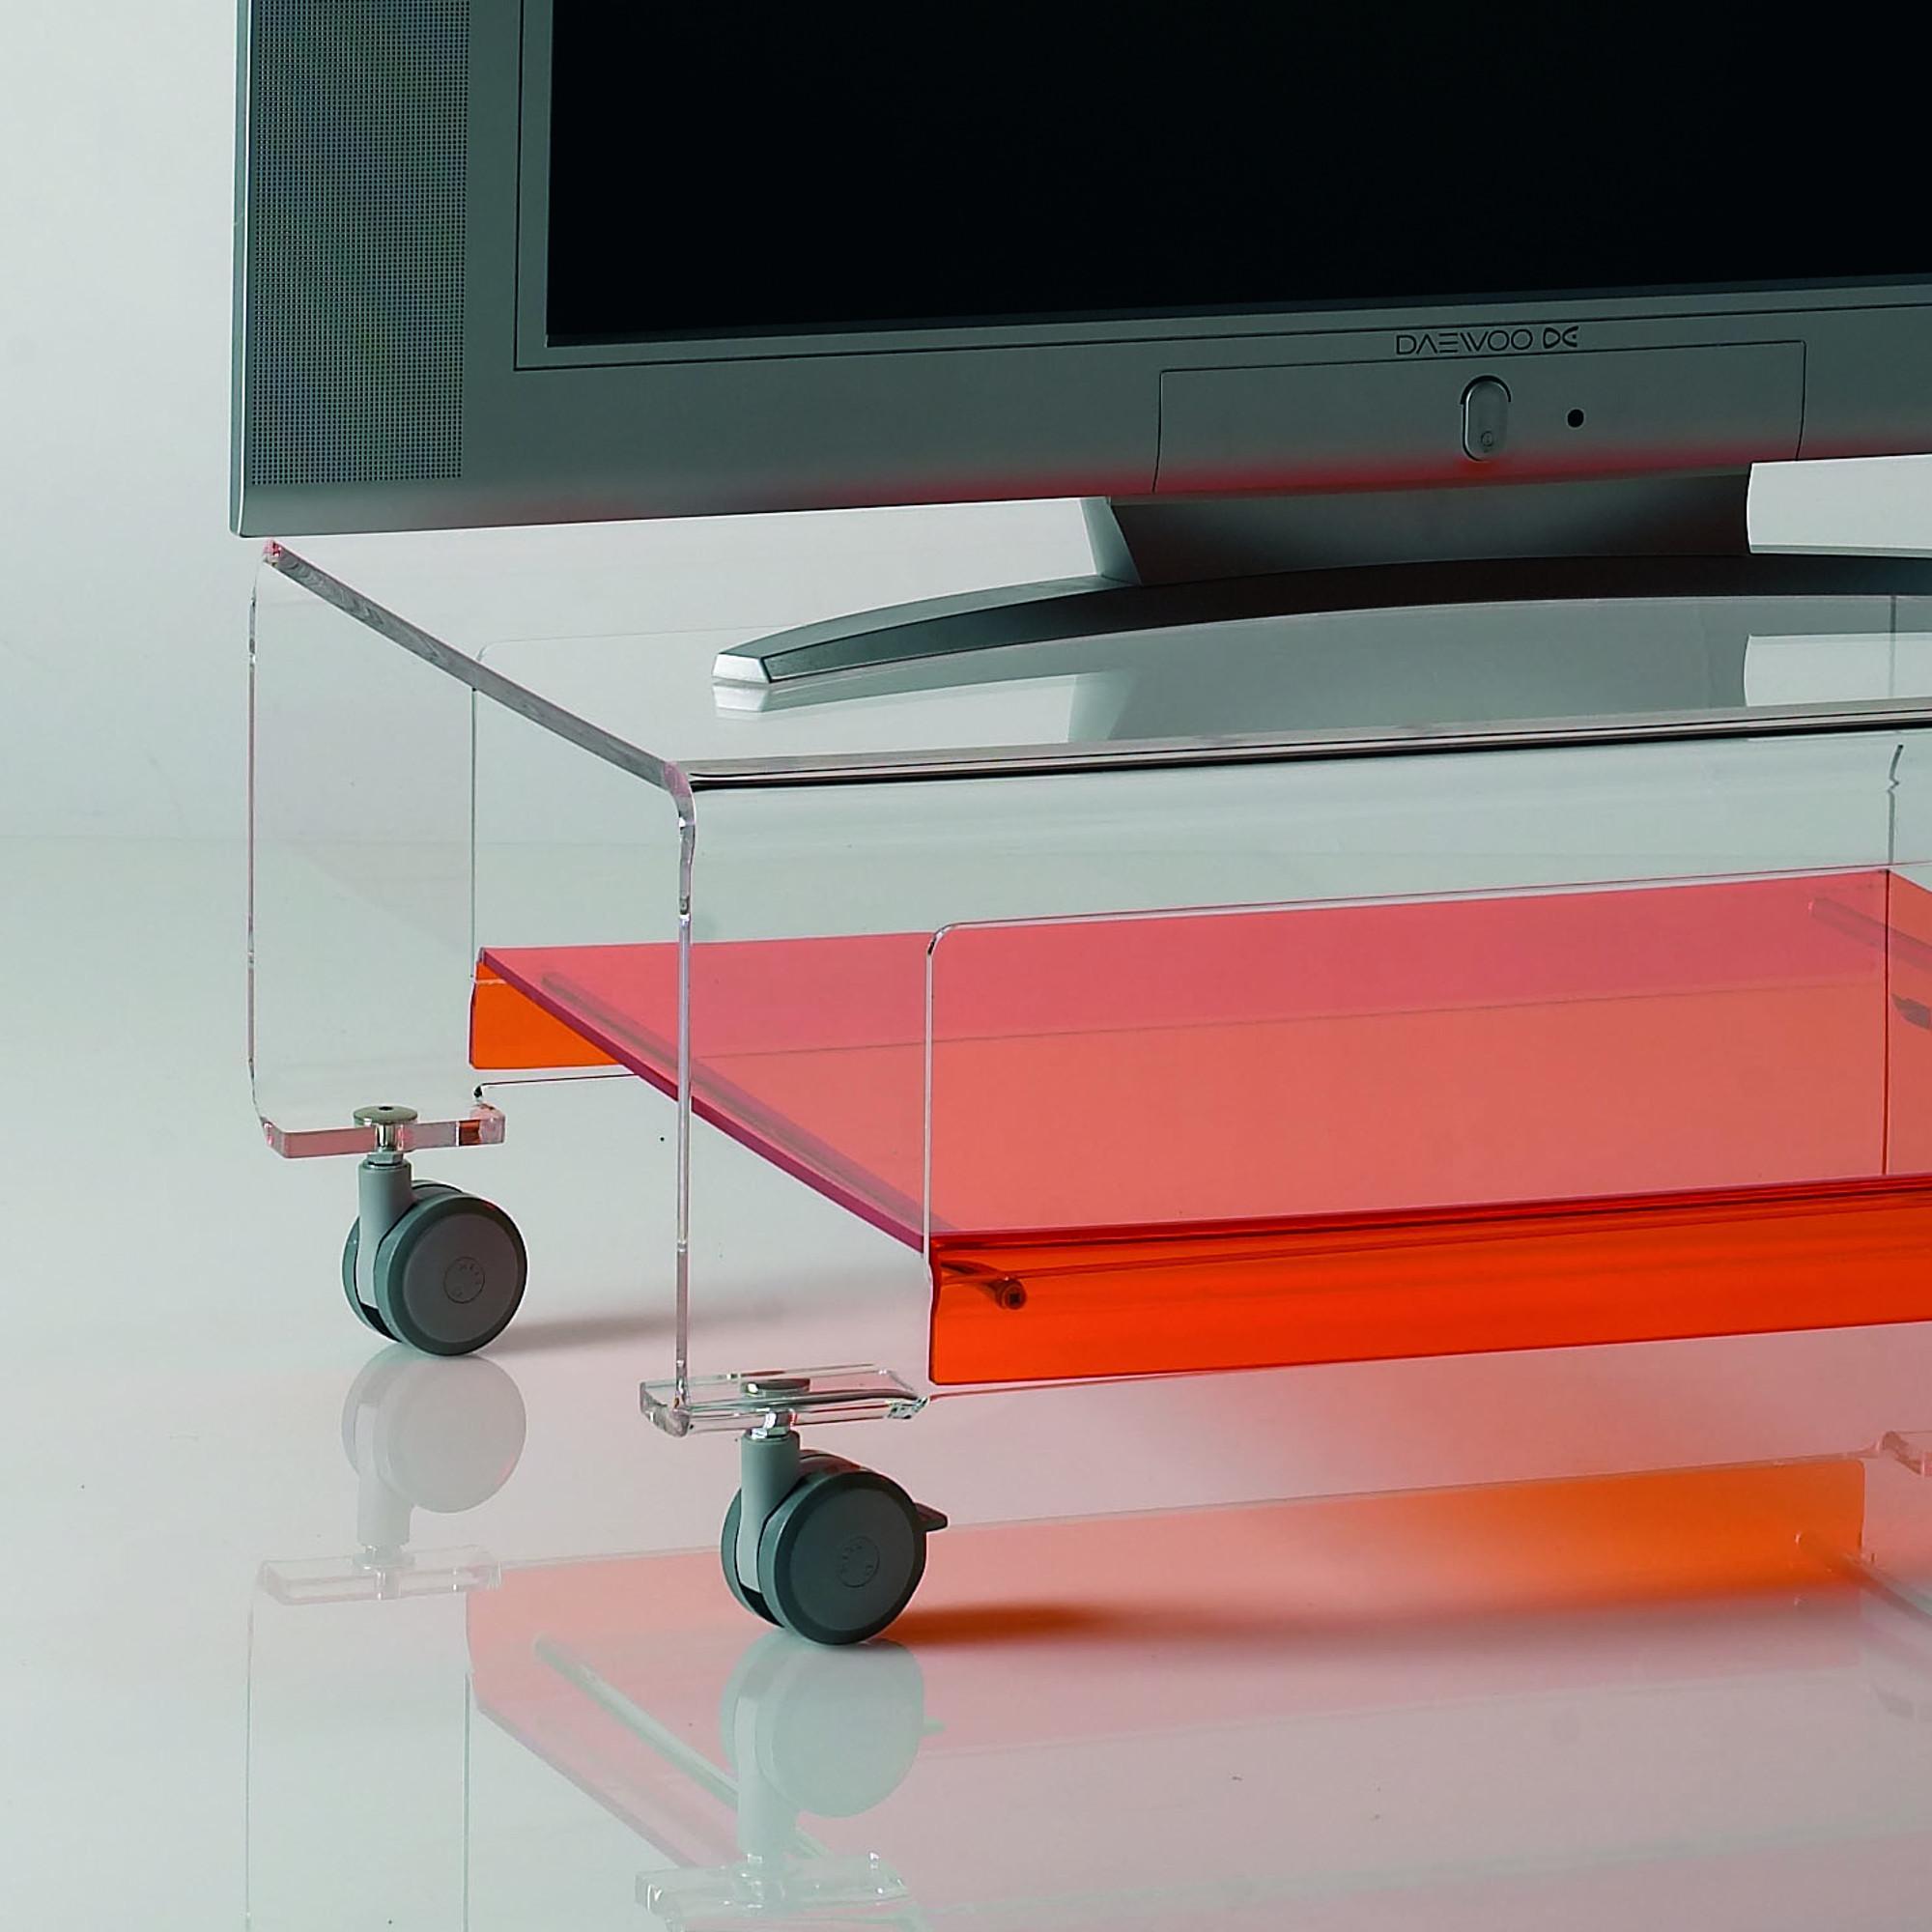 tavolo da letto con ruote: letto in legno gamba acquista a poco ... - Tavolino Per Letto Con Rotelle